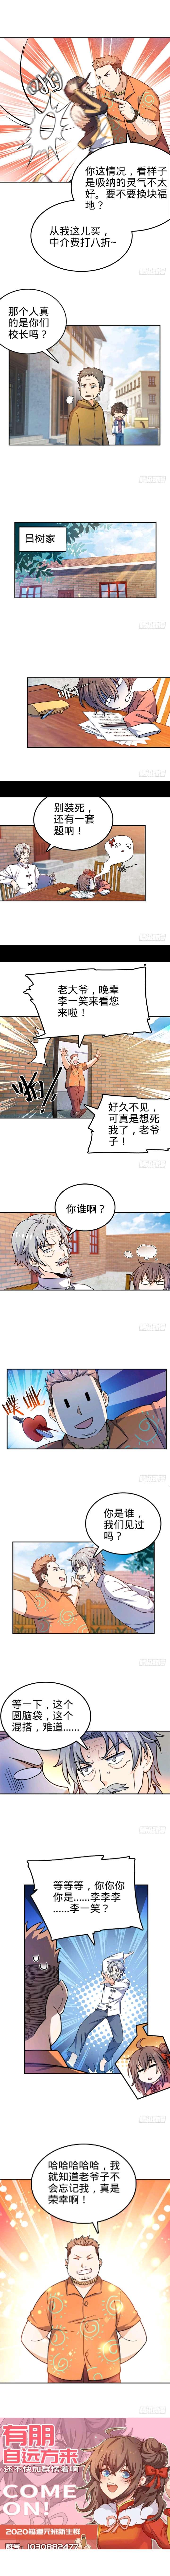 【漫画更新】大王饶命29